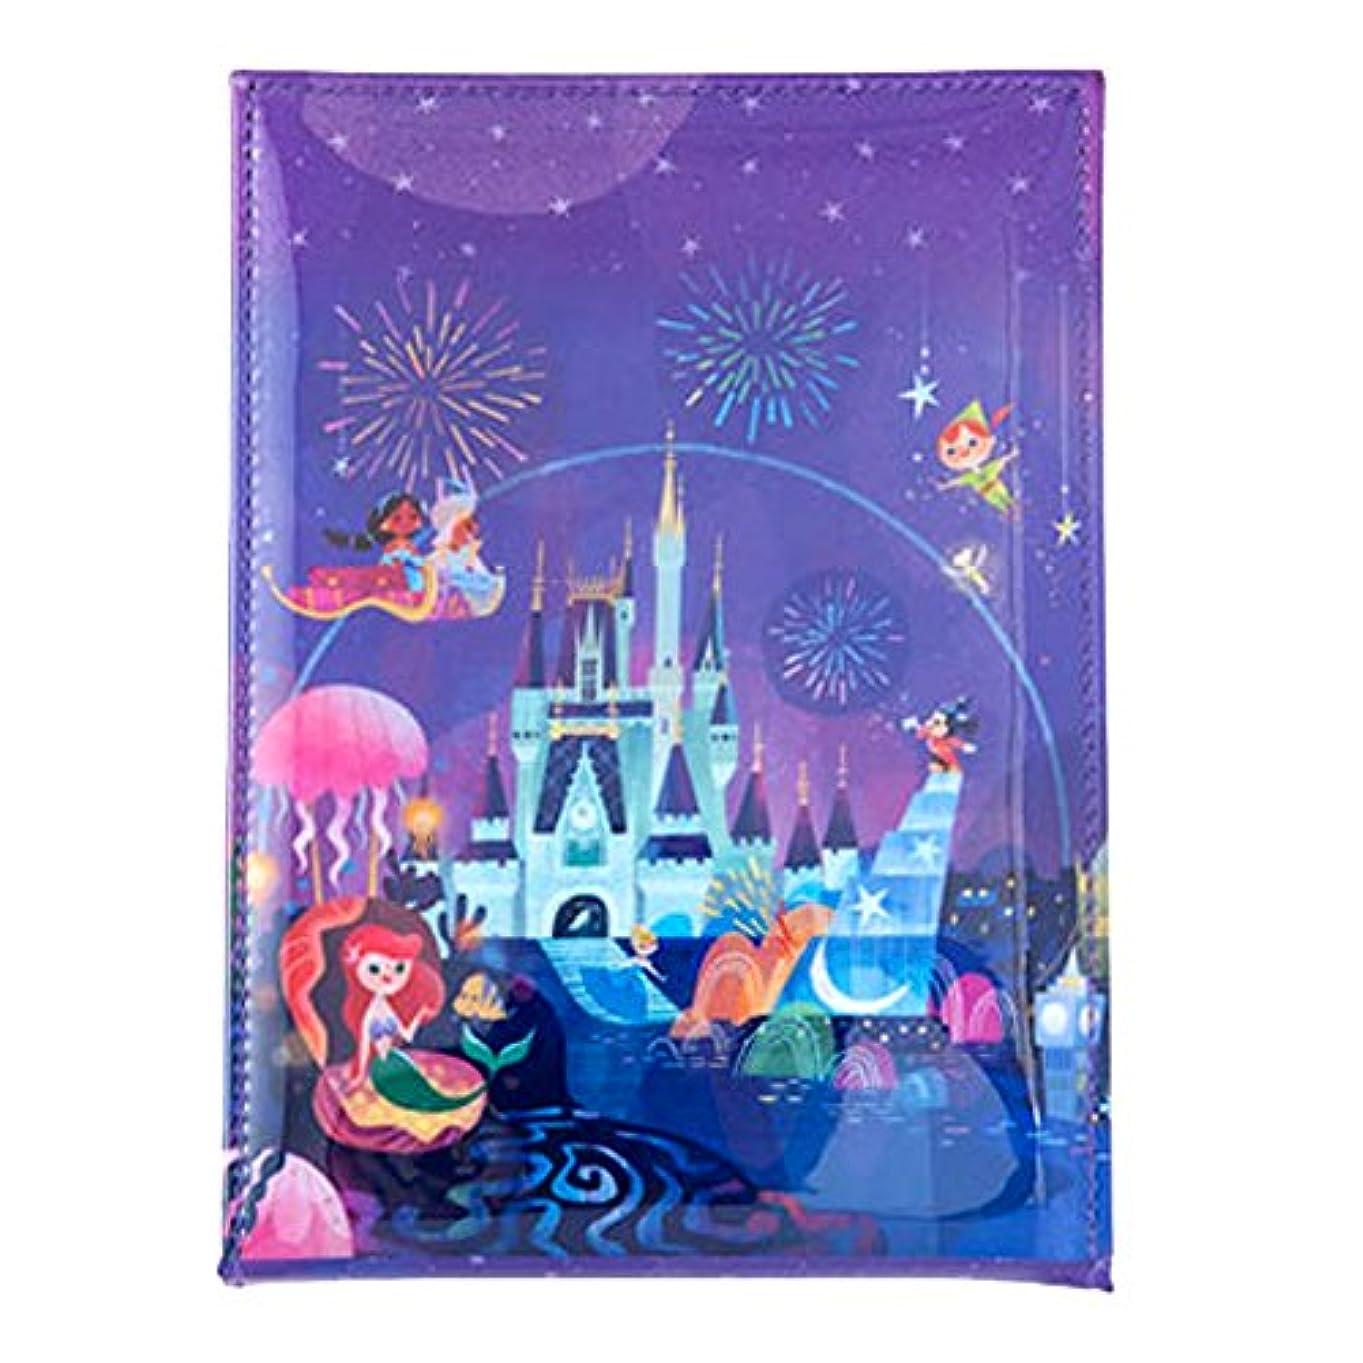 抵抗する楽なひねくれた夜空ファンタジー風 スタンド 式 ミラー ディズニー 鏡 ミッキー アリエル 他 セレブレーションホテル デザイン リゾート 限定